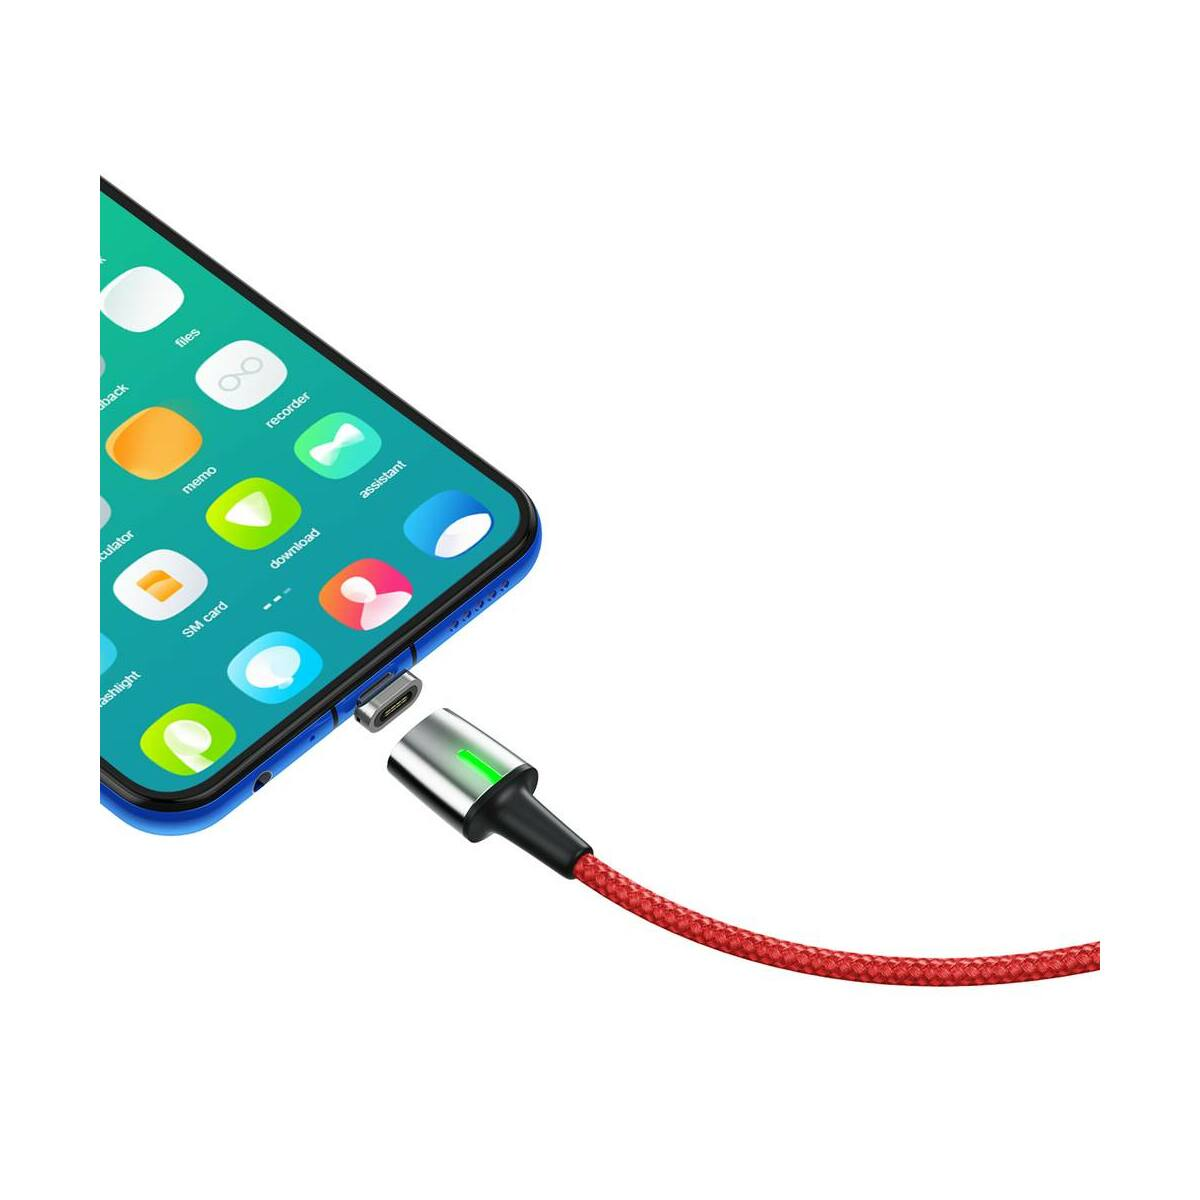 Baseus Mágneses kábel, Micro USB, Mágnessel csatlakozó töltő kábel, 2.4A 1m, piros (CAMXC-A09)